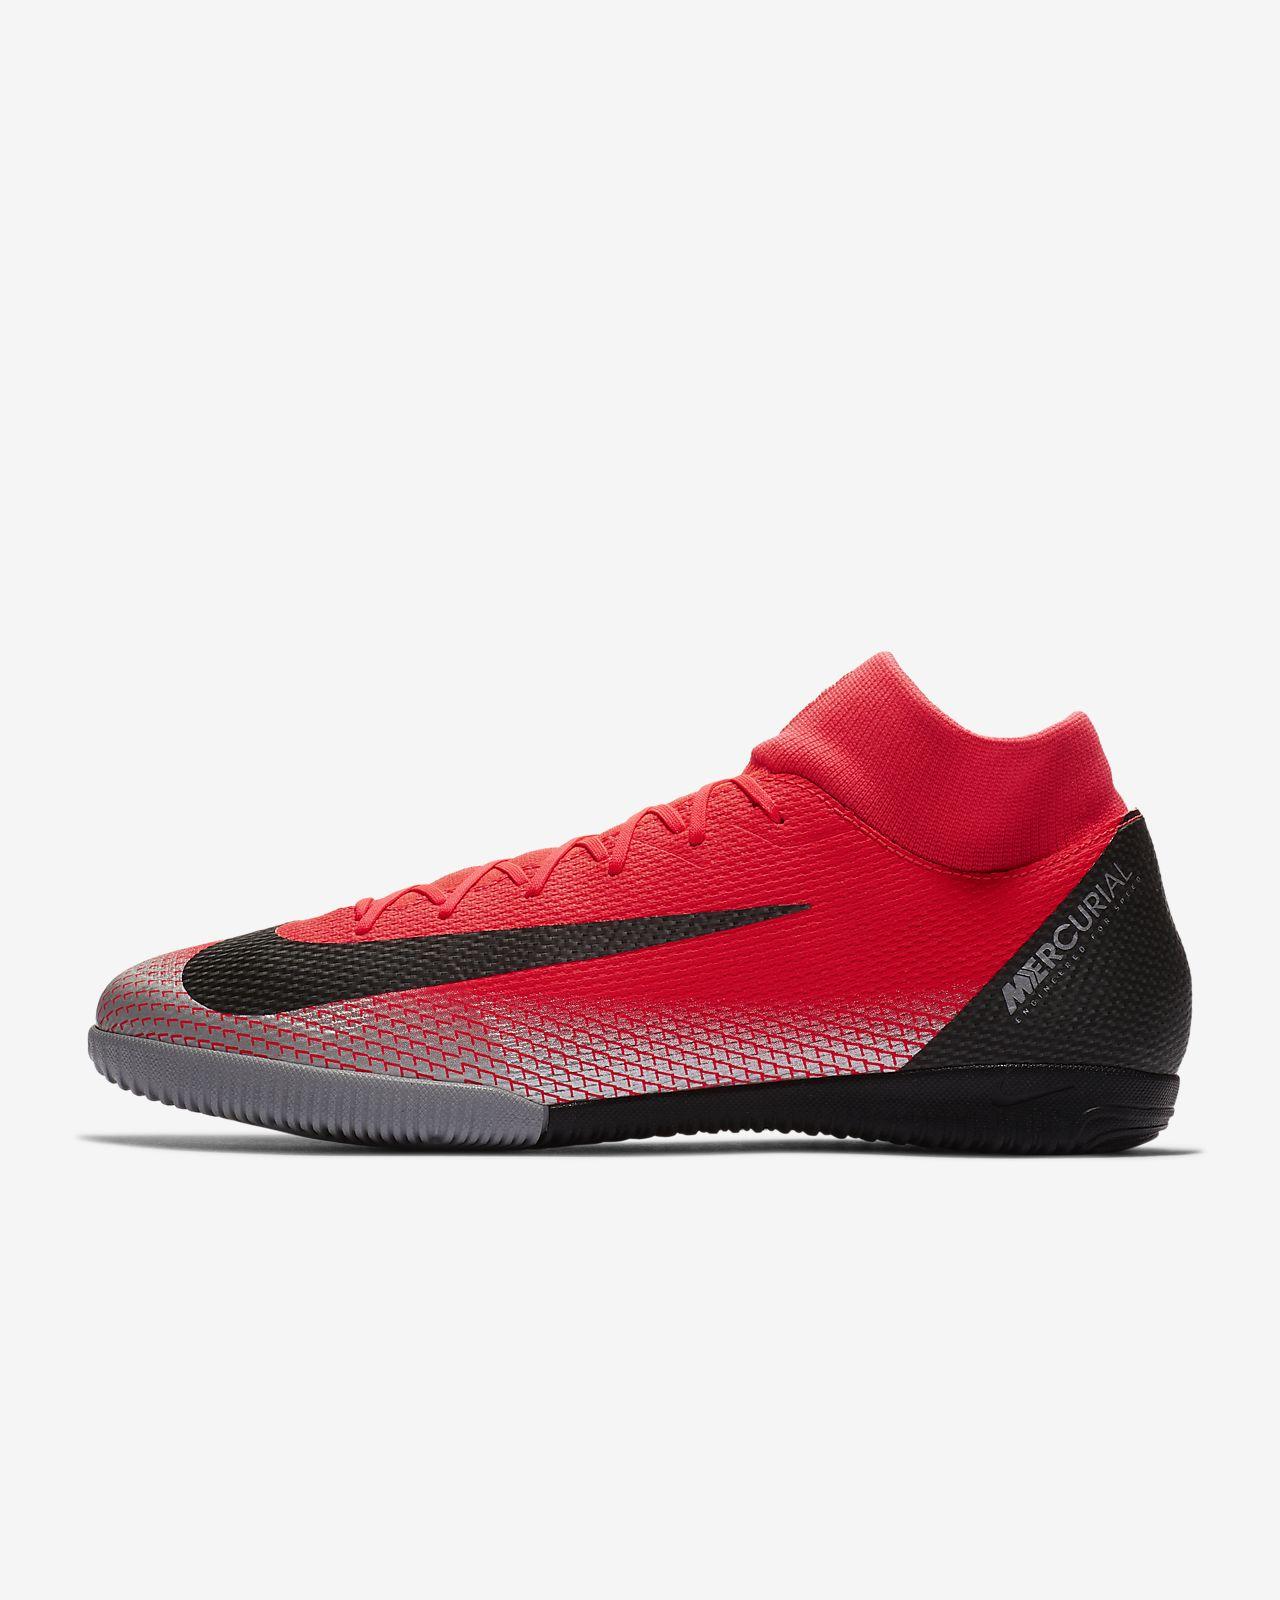 Nike SuperflyX 6 Academy LVL UP IC Fußballschuh für Hallen und Hartplätze